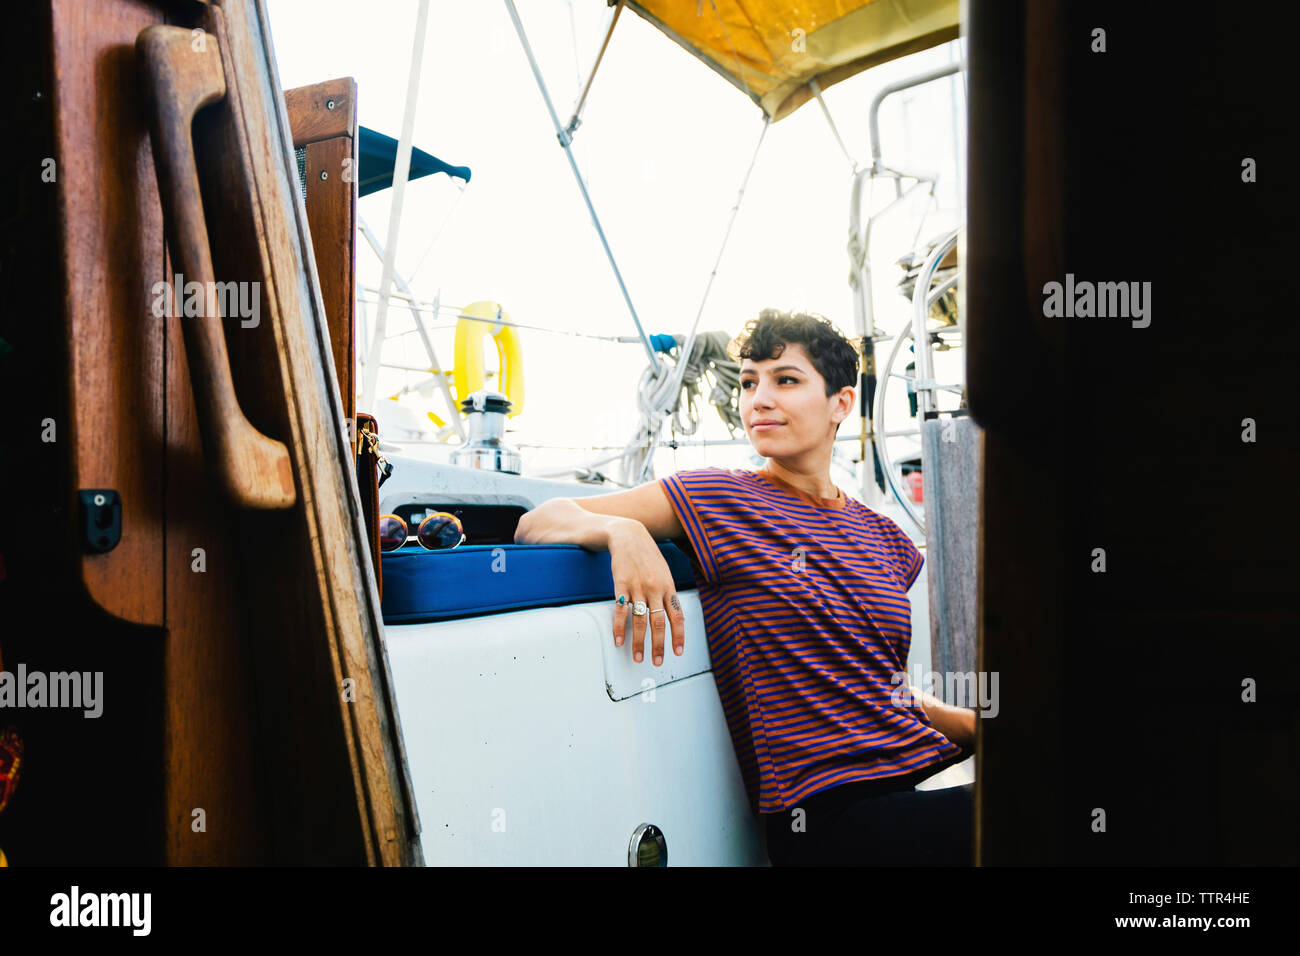 Premurosa donna che guarda lontano mentre è seduto in barca contro il cielo visto attraverso la finestra Foto Stock